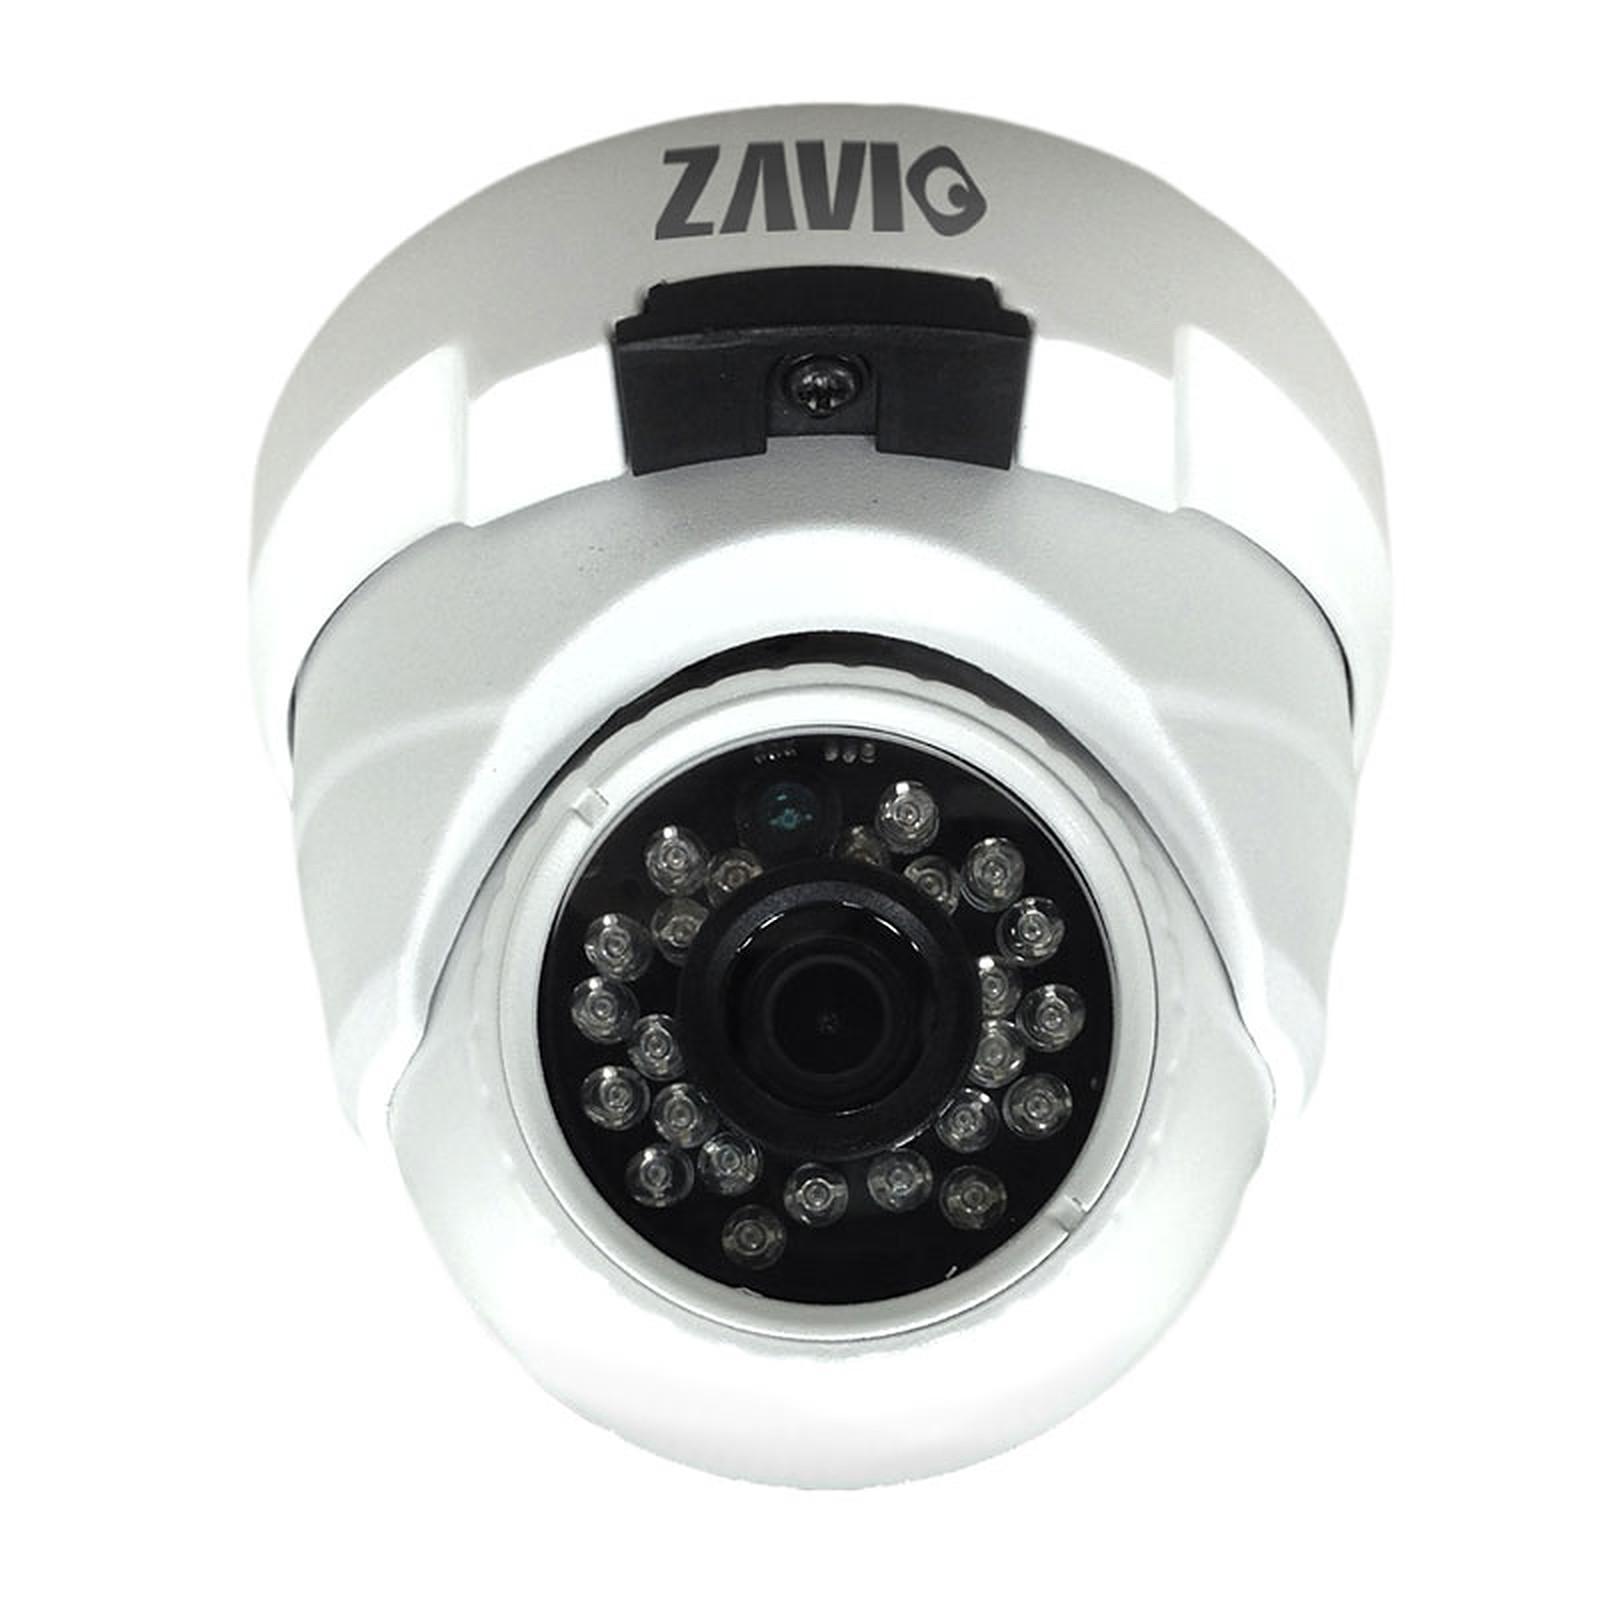 ZAVIO D6210